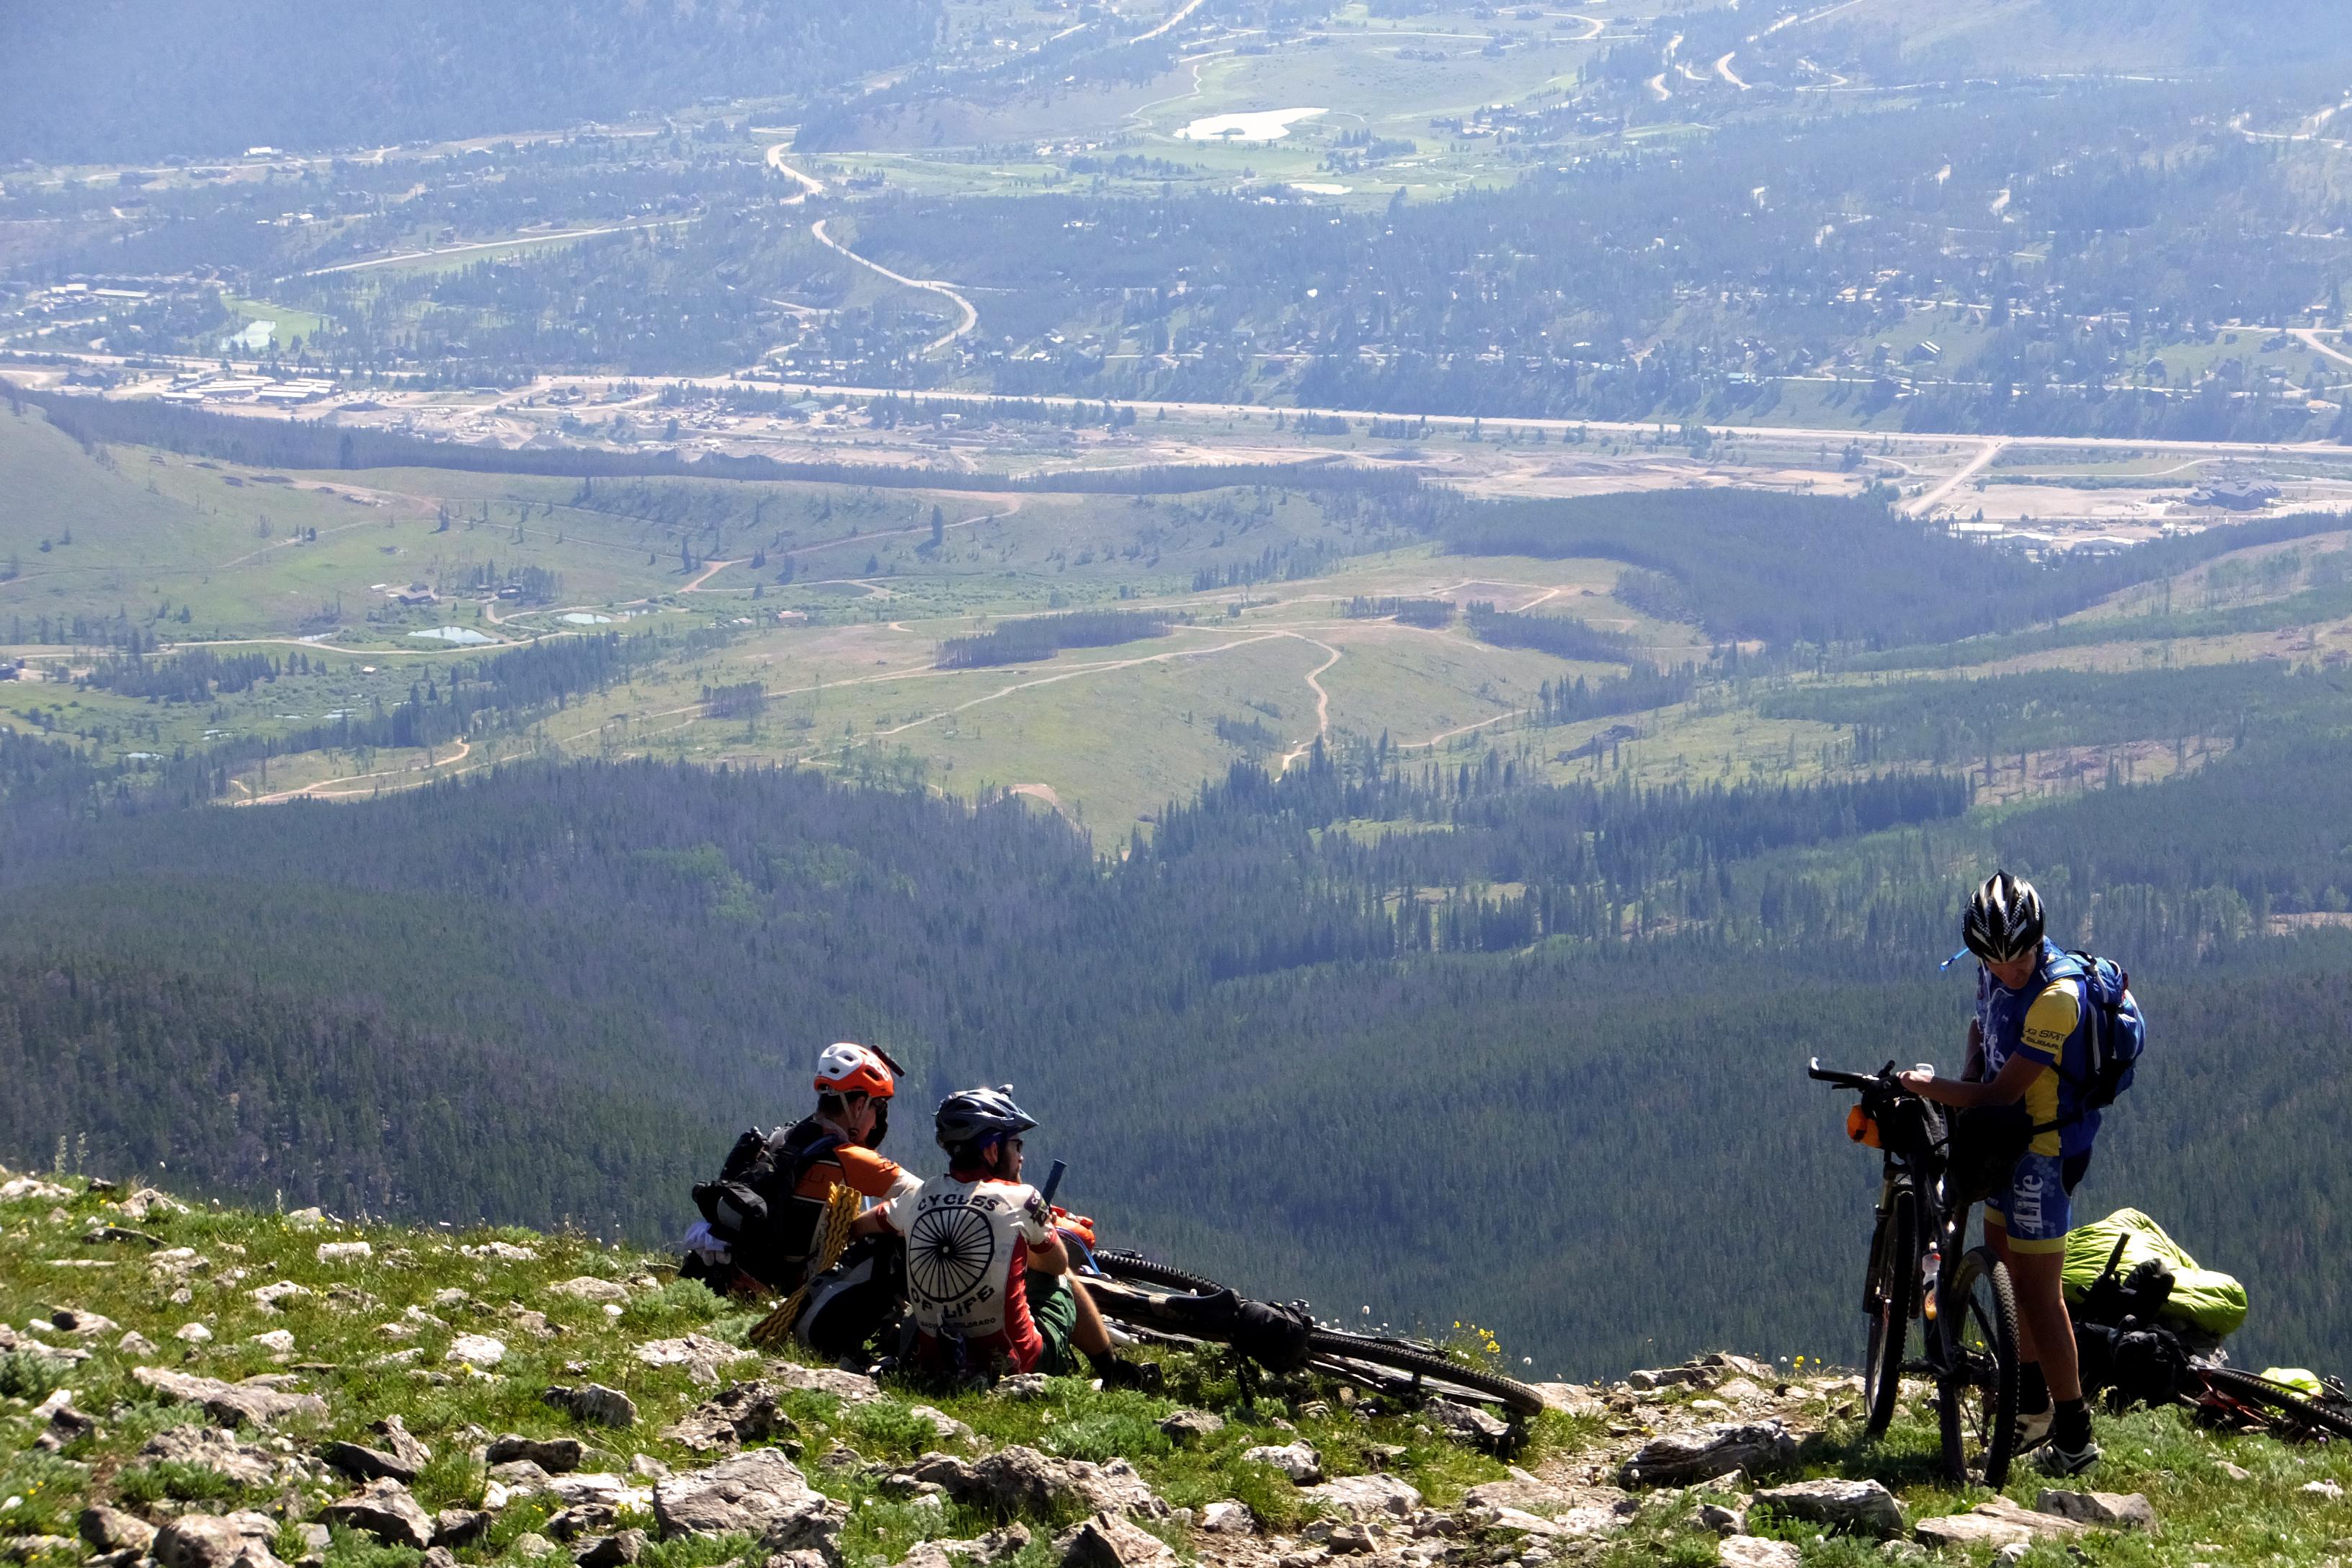 Colorado Trail Race – Excerpt 2